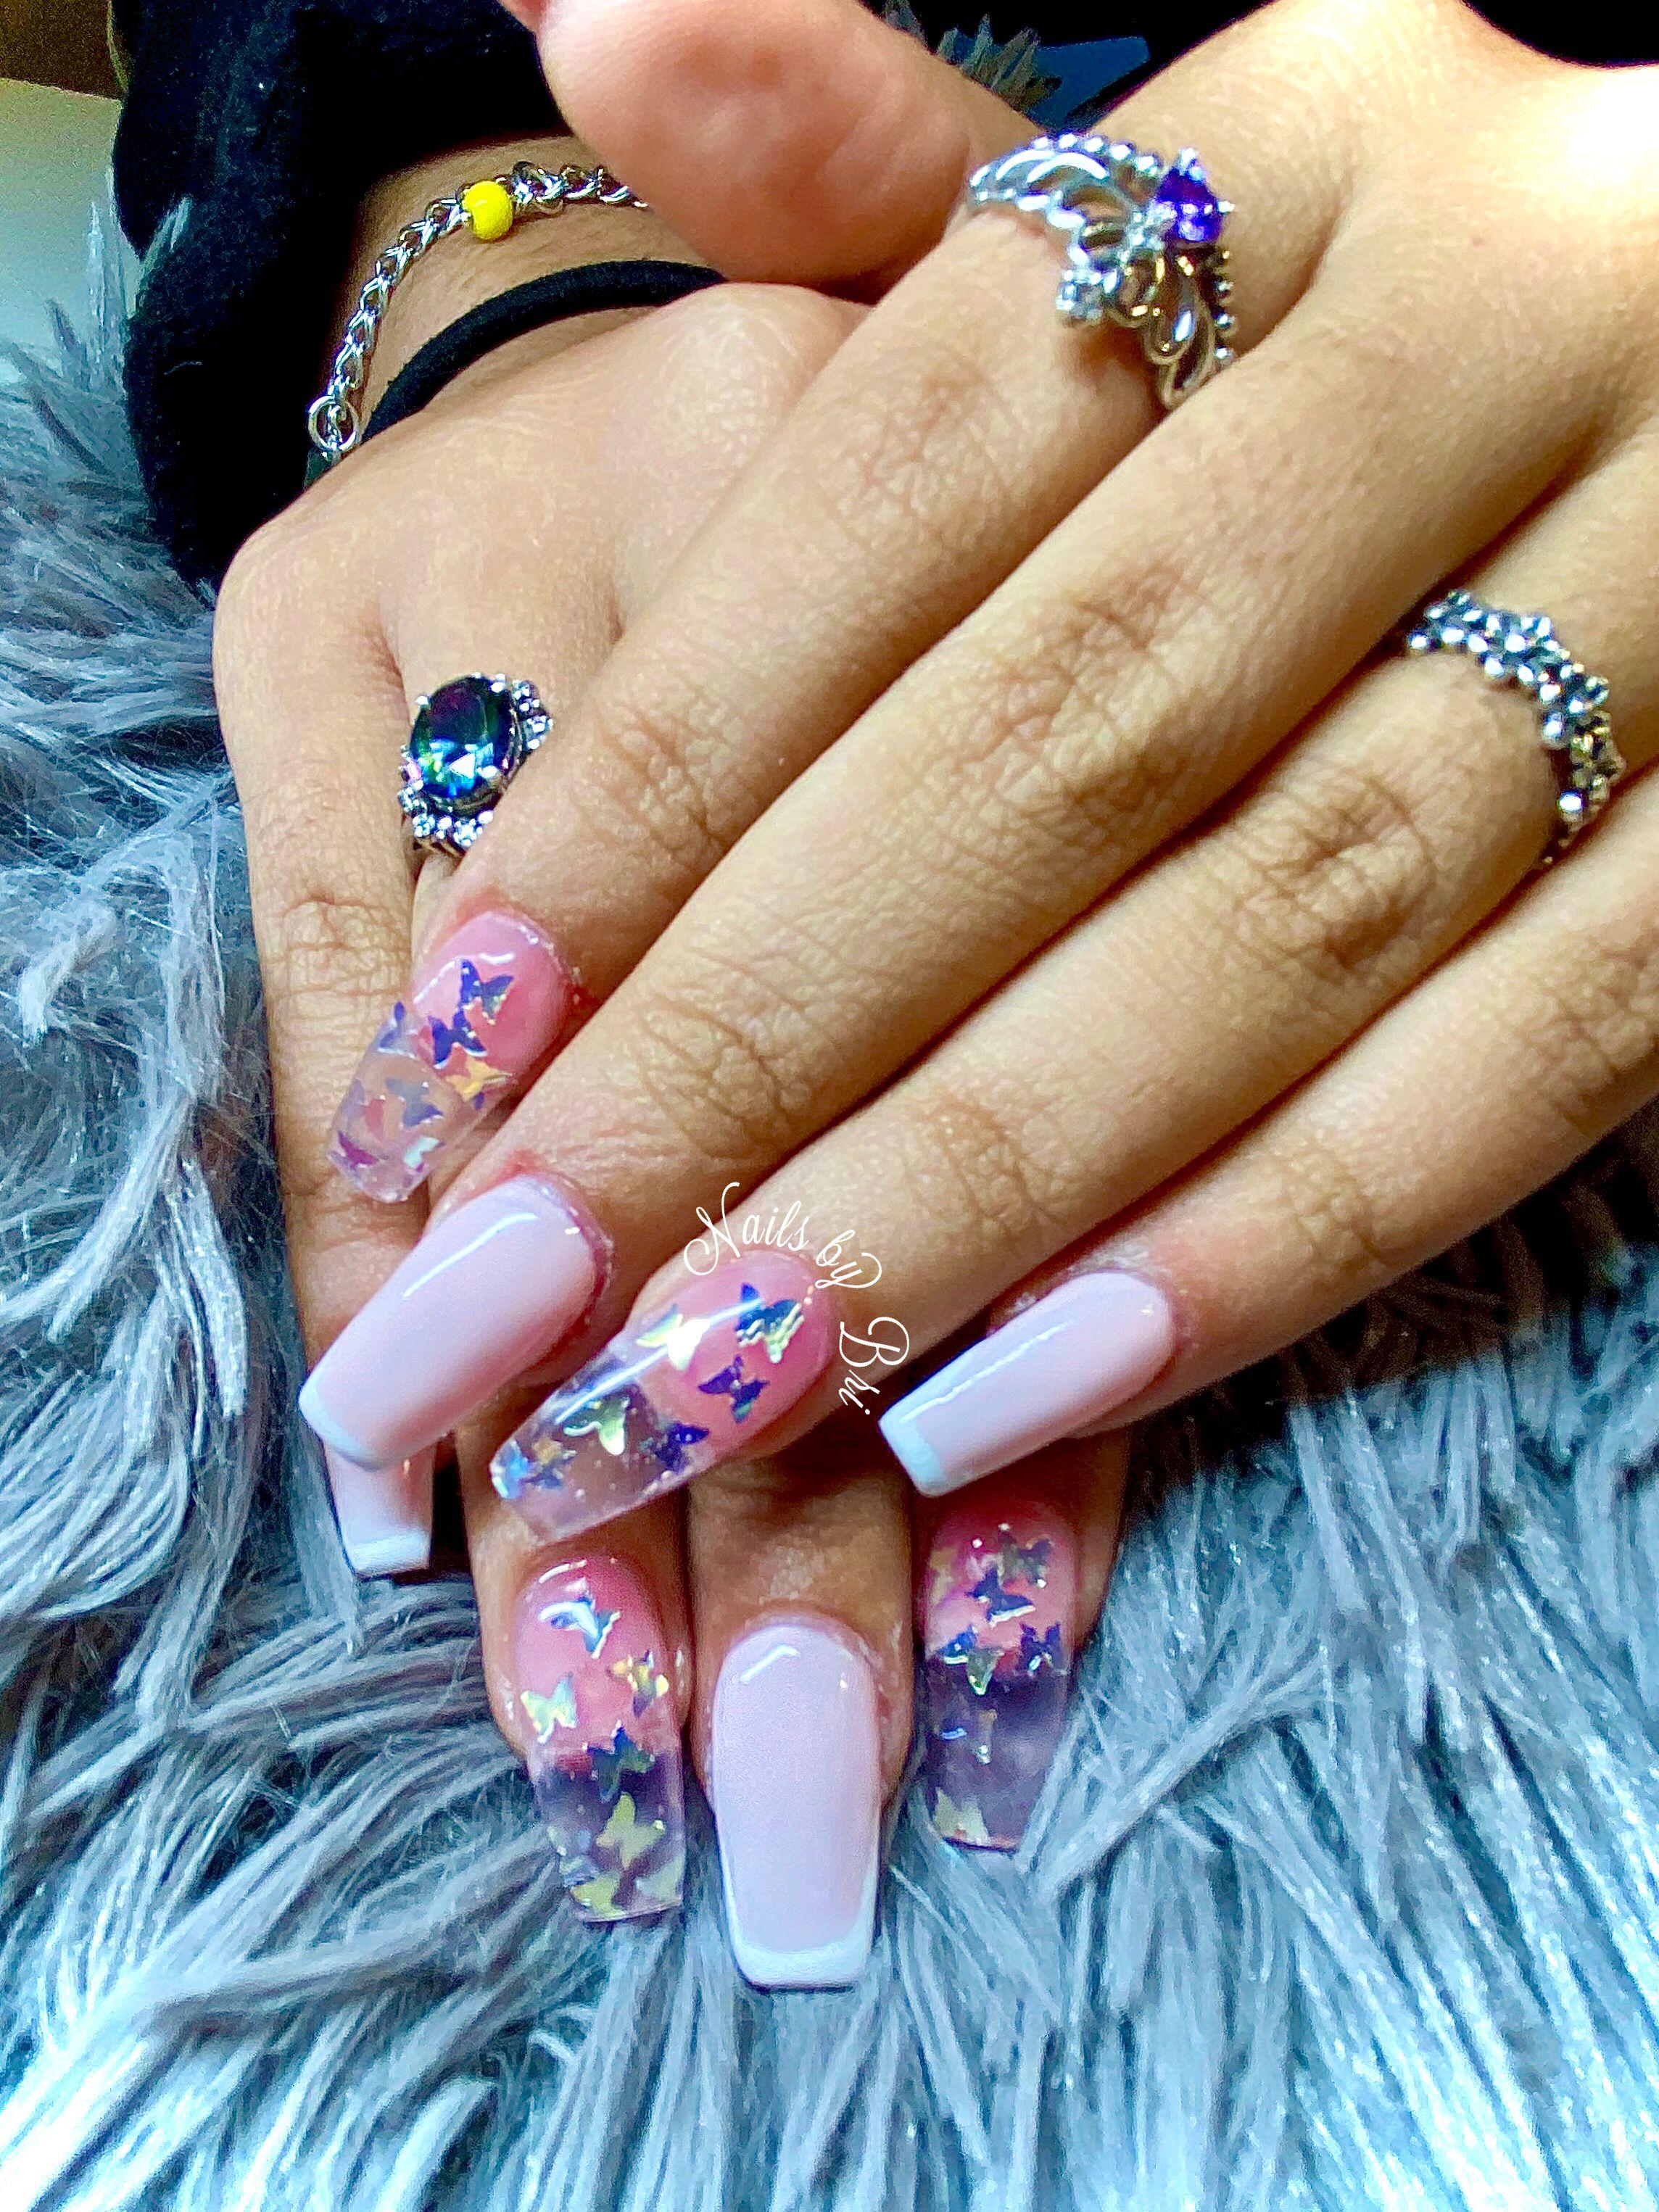 25 Super Hot Summer Nail Designs Pinmagz Square Acrylic Nails Fake Nails Pretty Acrylic Nails